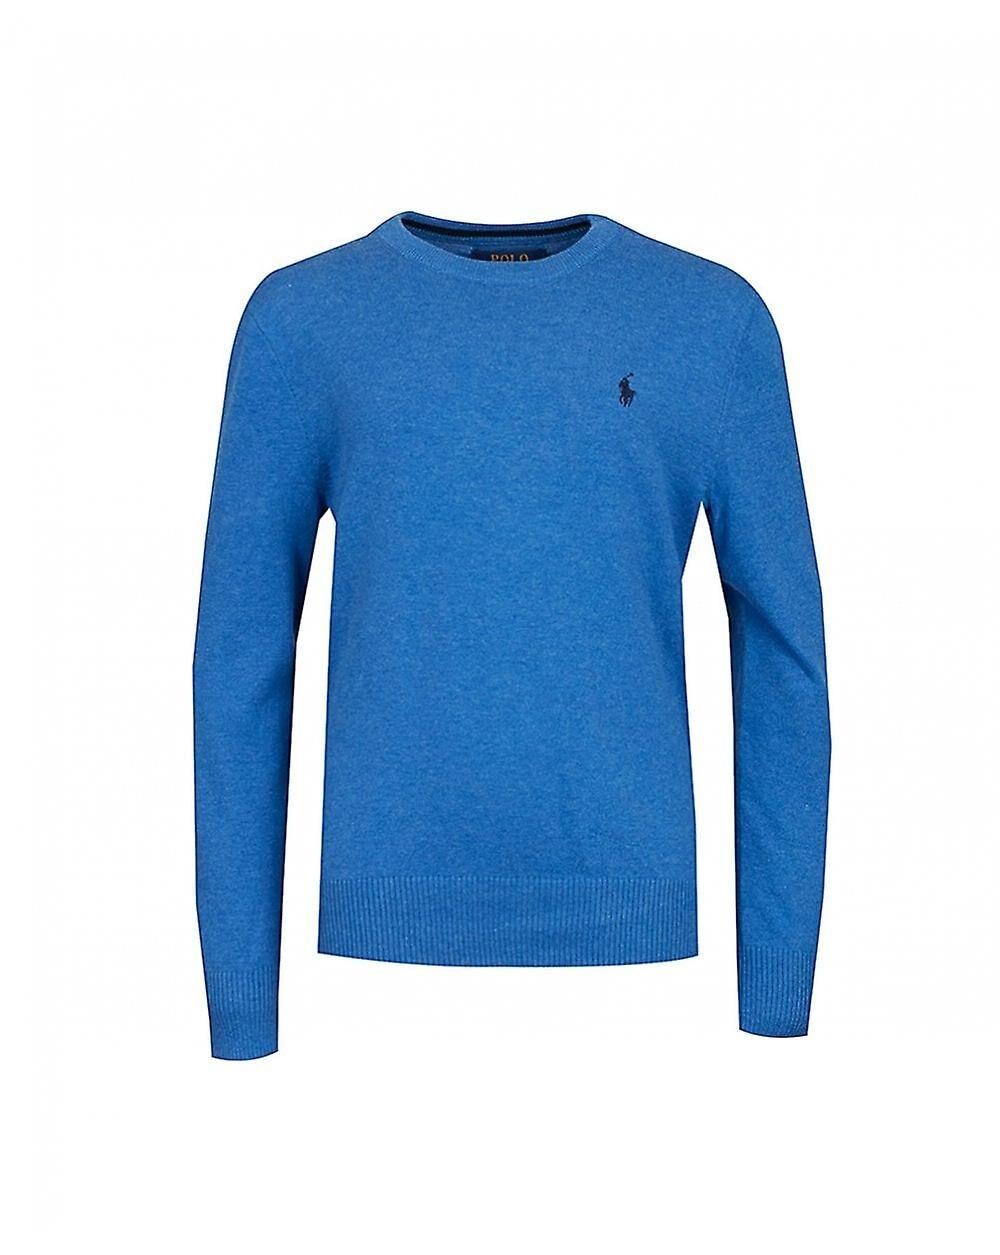 Polo Ralph Lauren Childrenswear Polo Ralph Lauren butikker Pima bomull logo Crew hals strikk Blå Age 8